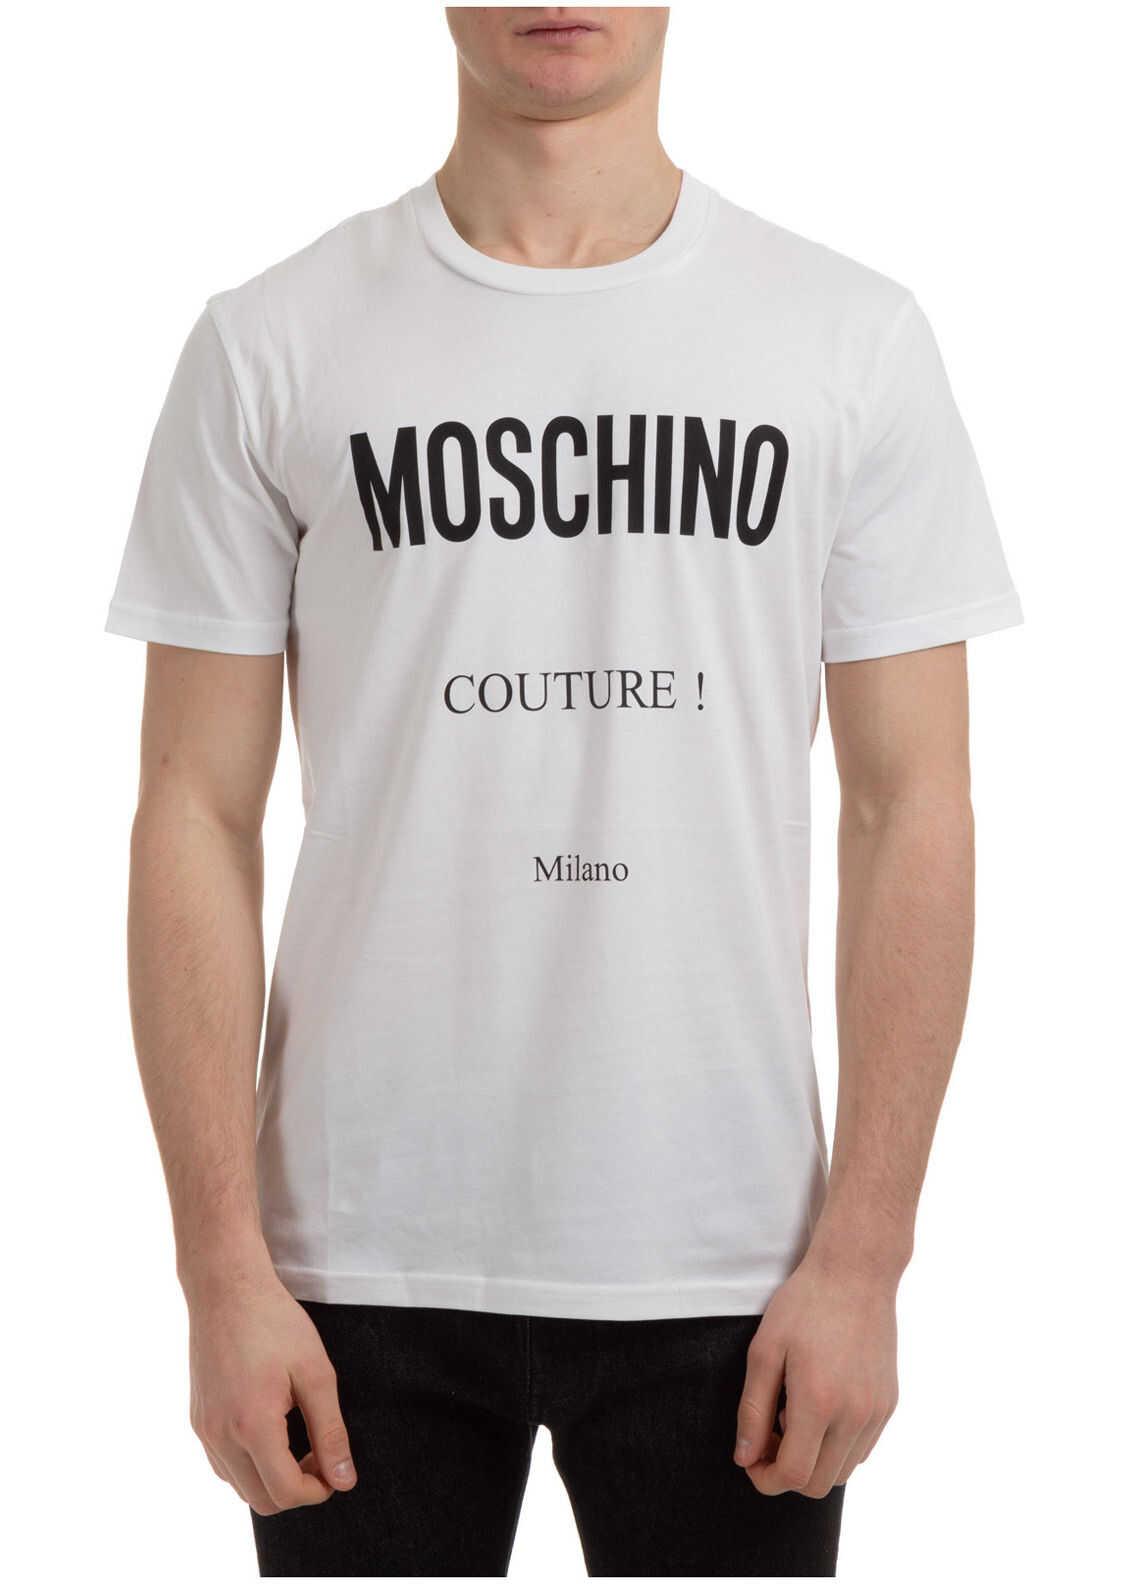 Moschino Jumper Couture White imagine